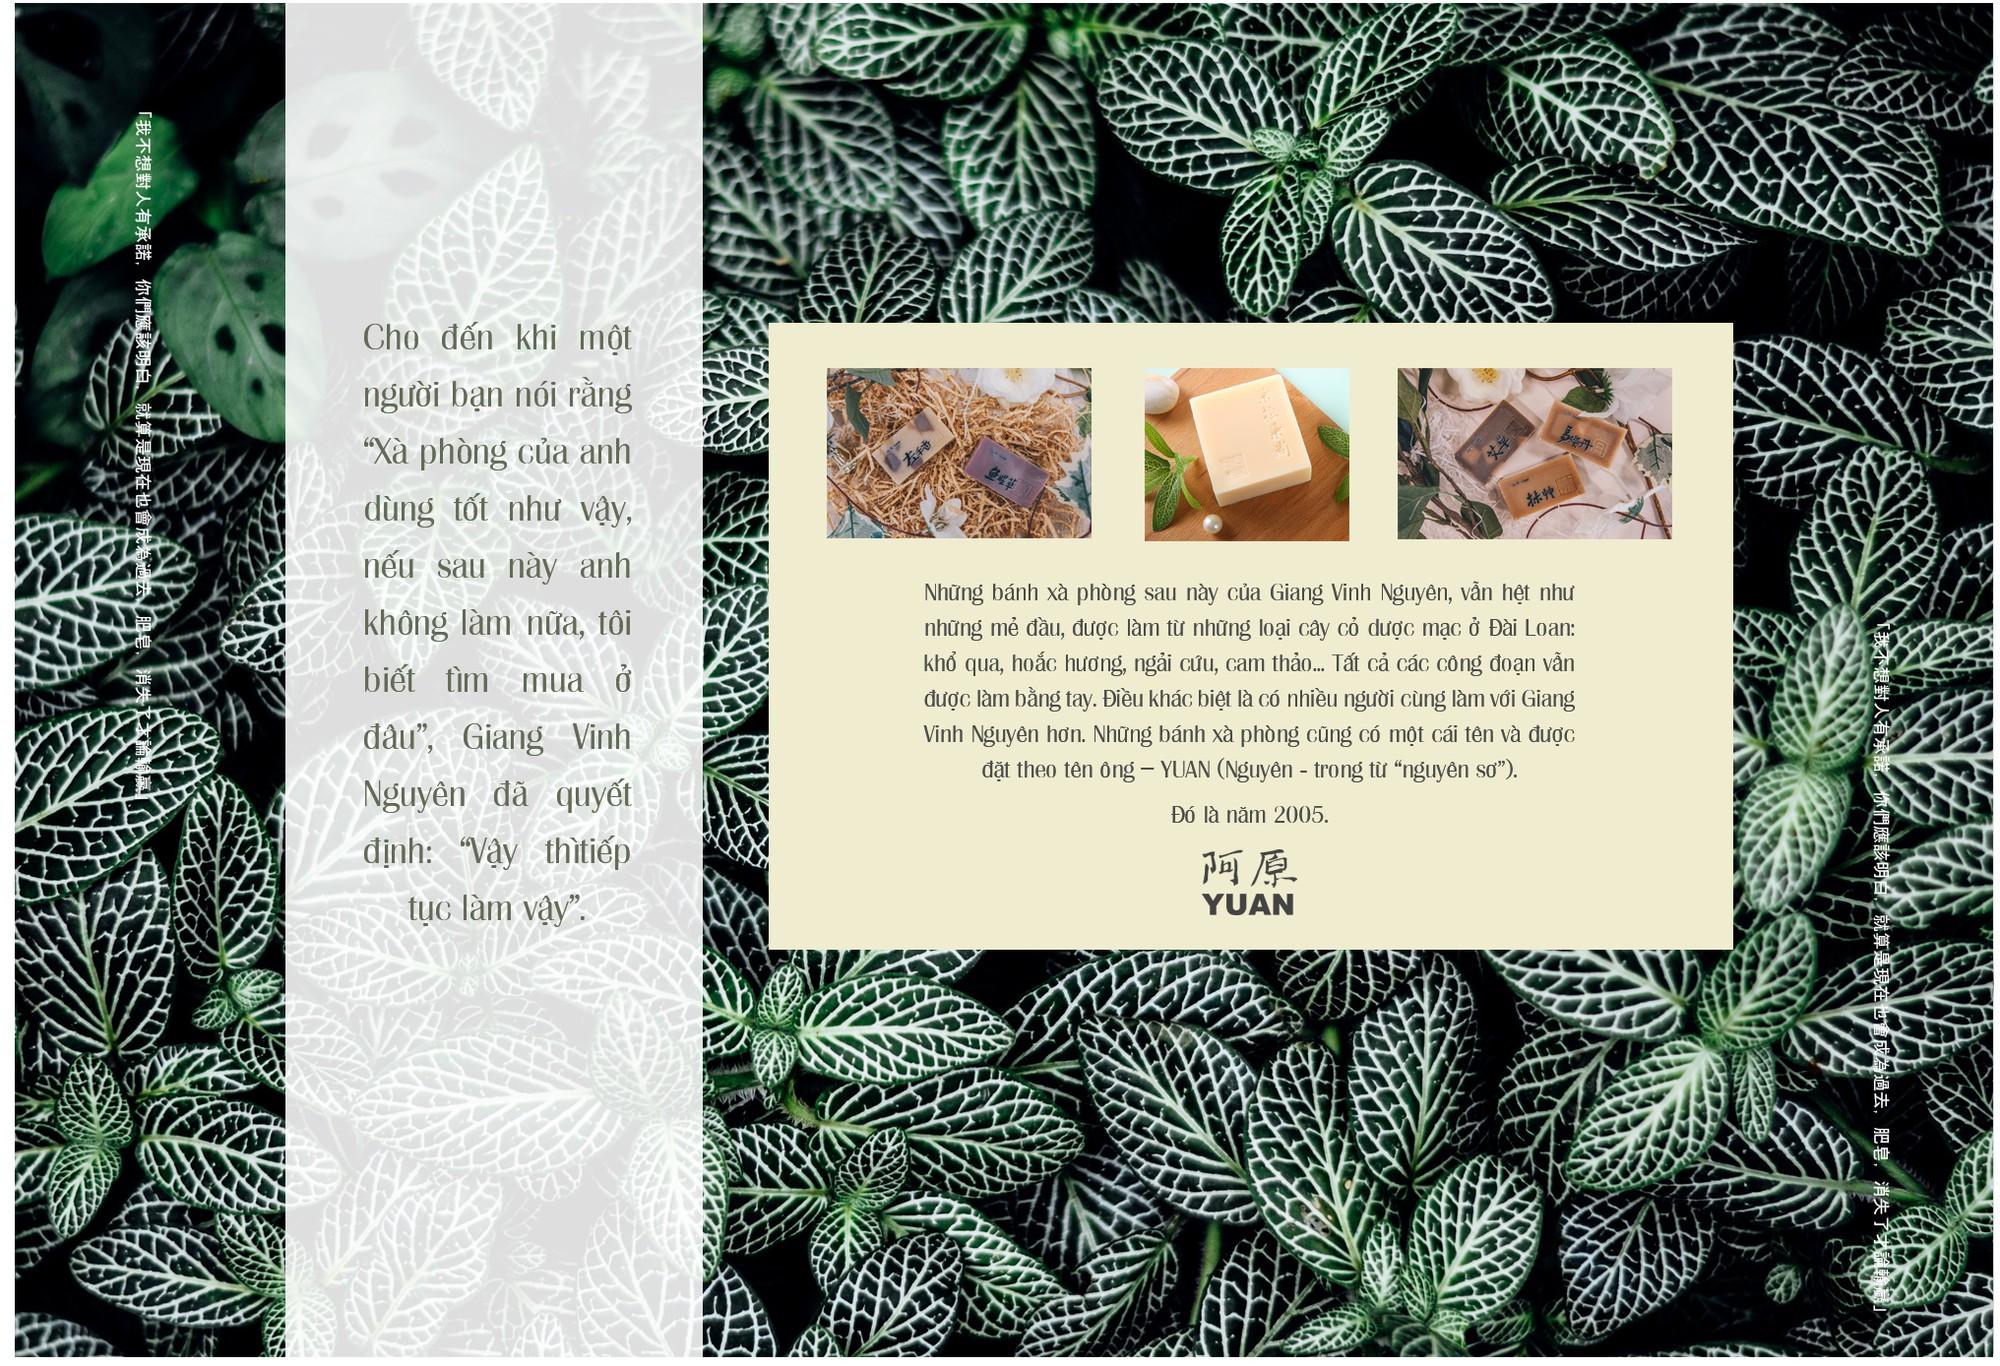 Mỗi 30 giây bán được một bánh xà phòng và câu chuyện về lòng tận tâm với thiên nhiên của Yuan - Thương hiệu chăm sóc da thảo mộc xứ Đài - Ảnh 4.